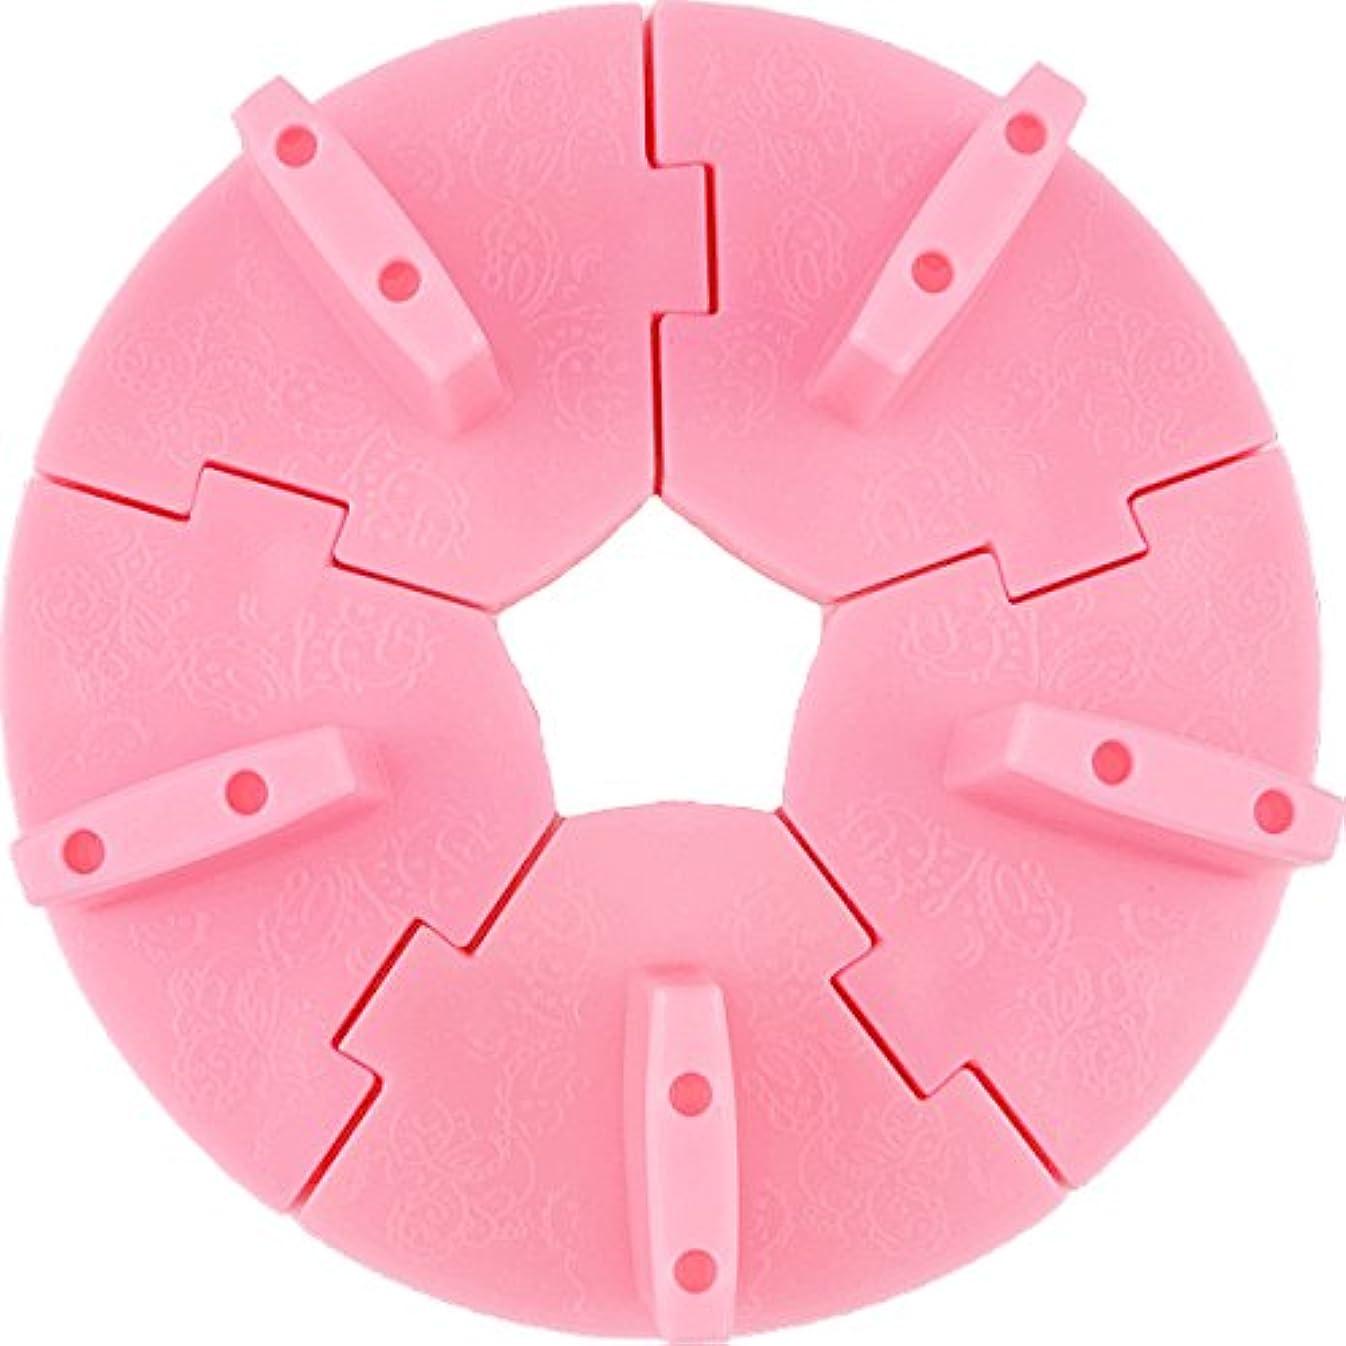 とまり木吐き出す目立つネイル チップスタンド 固定チップ5個付き (ピンク)